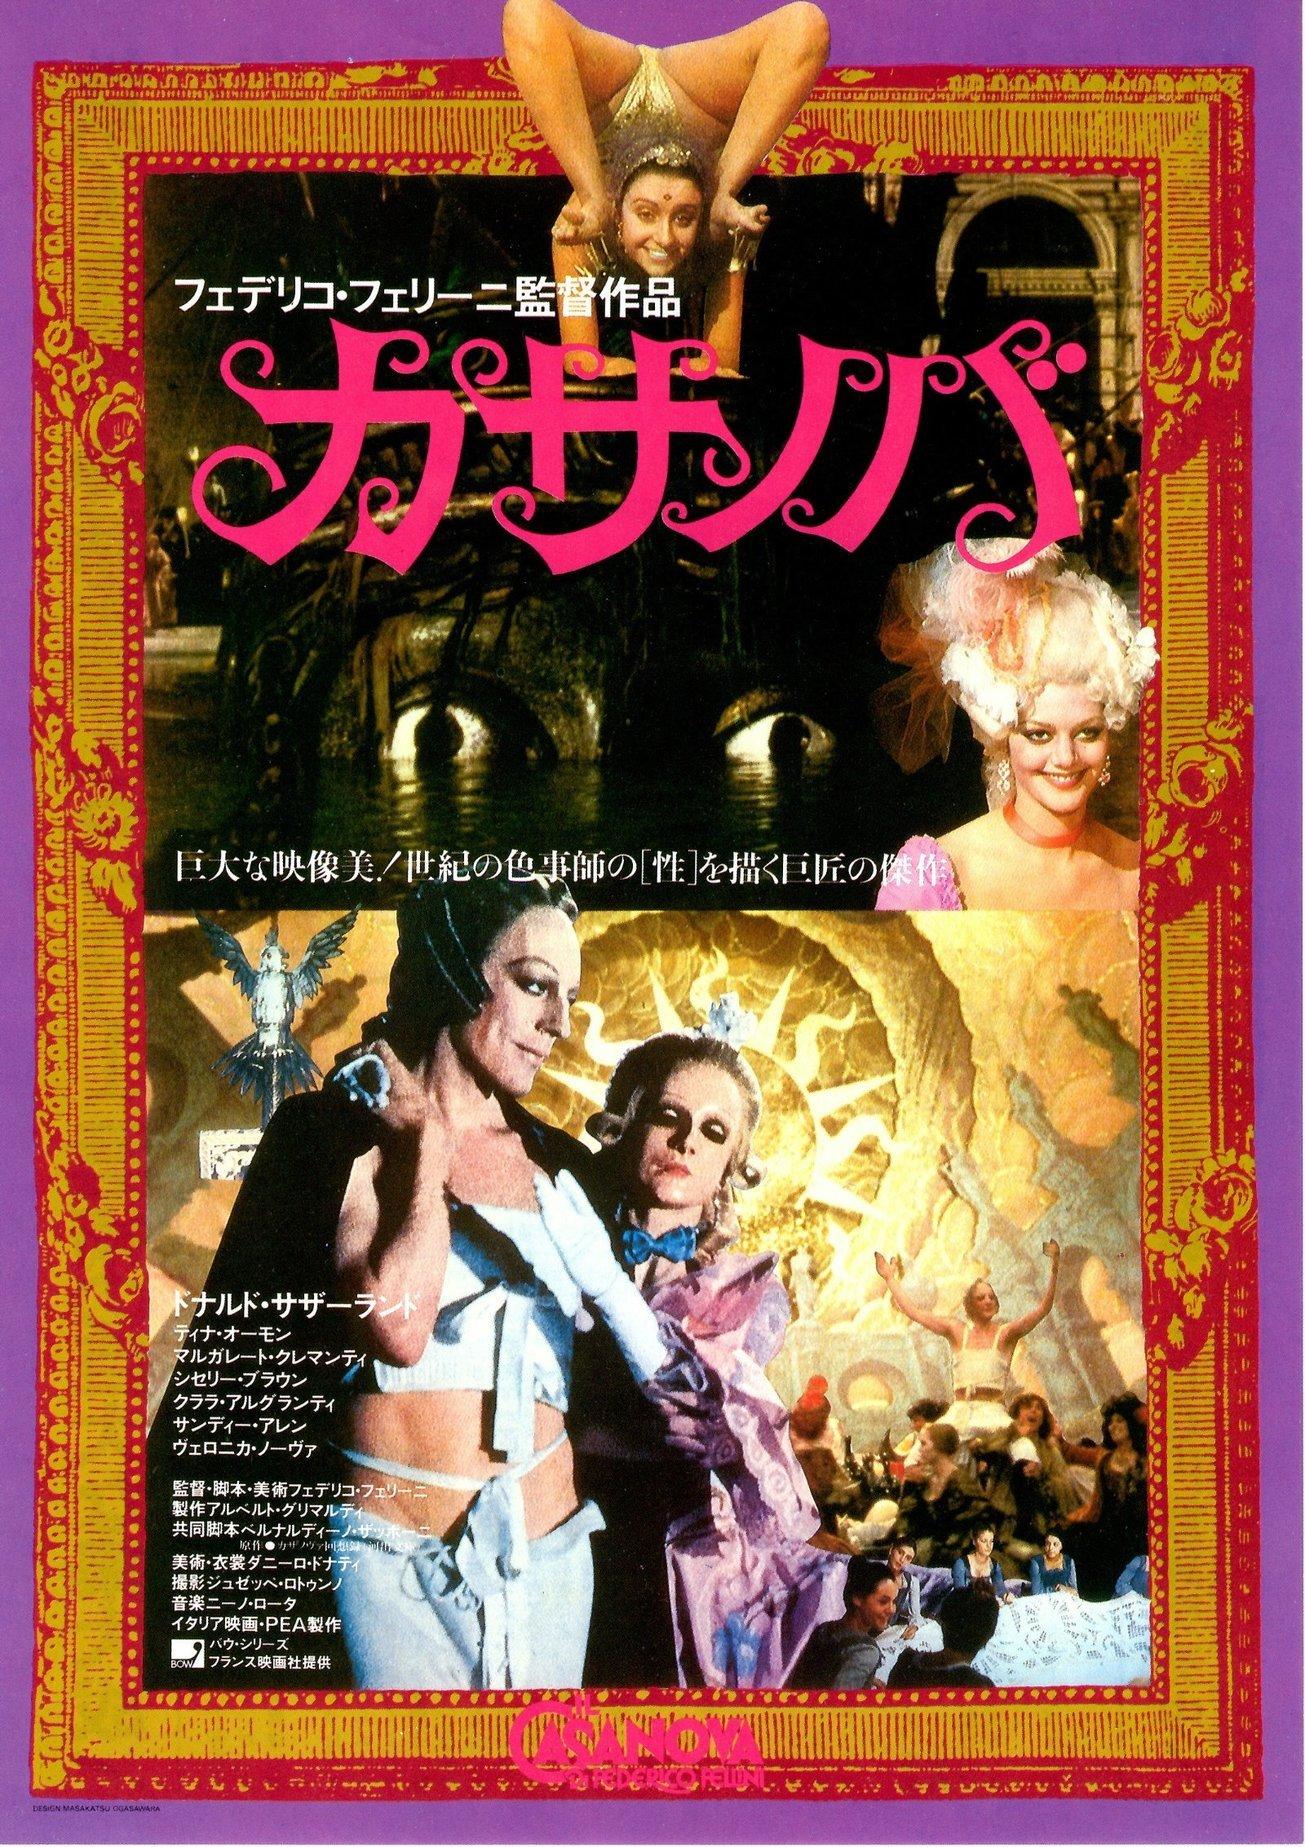 「カサノバ 映画 名作」の画像検索結果